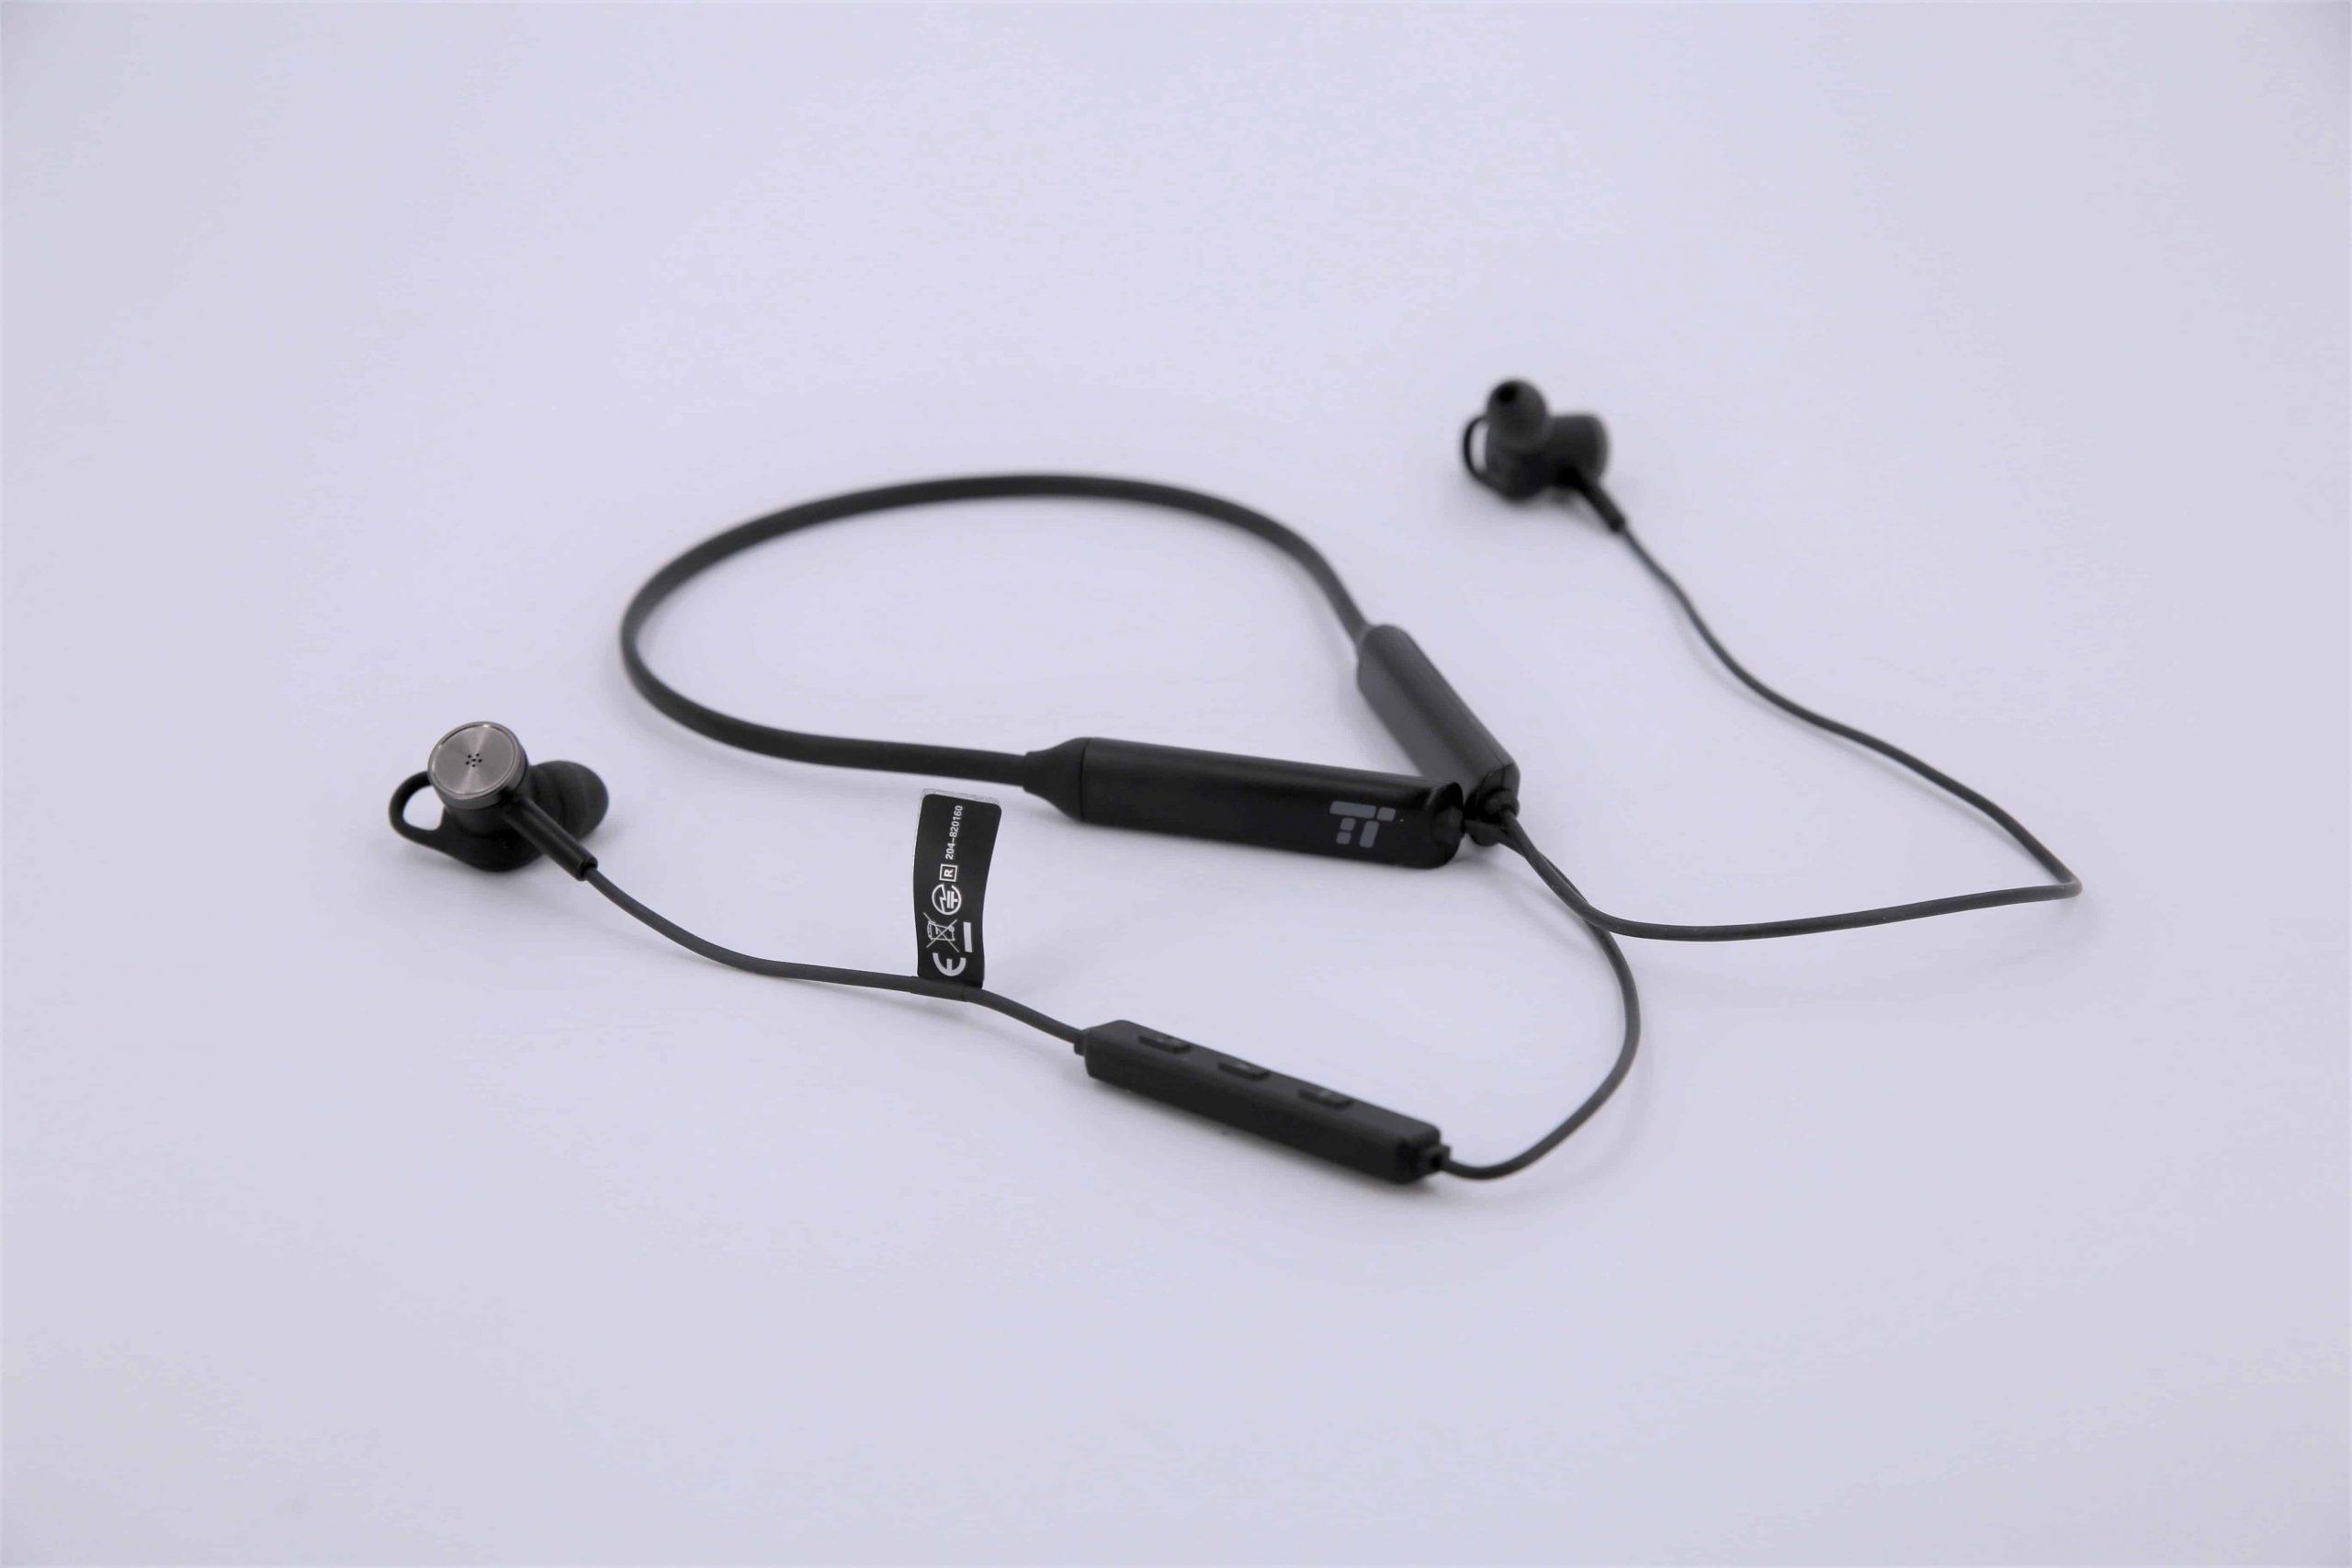 取代BeatsX的高CP值頸掛式降噪藍芽耳機推薦 - TaoTroncis TT-BH042